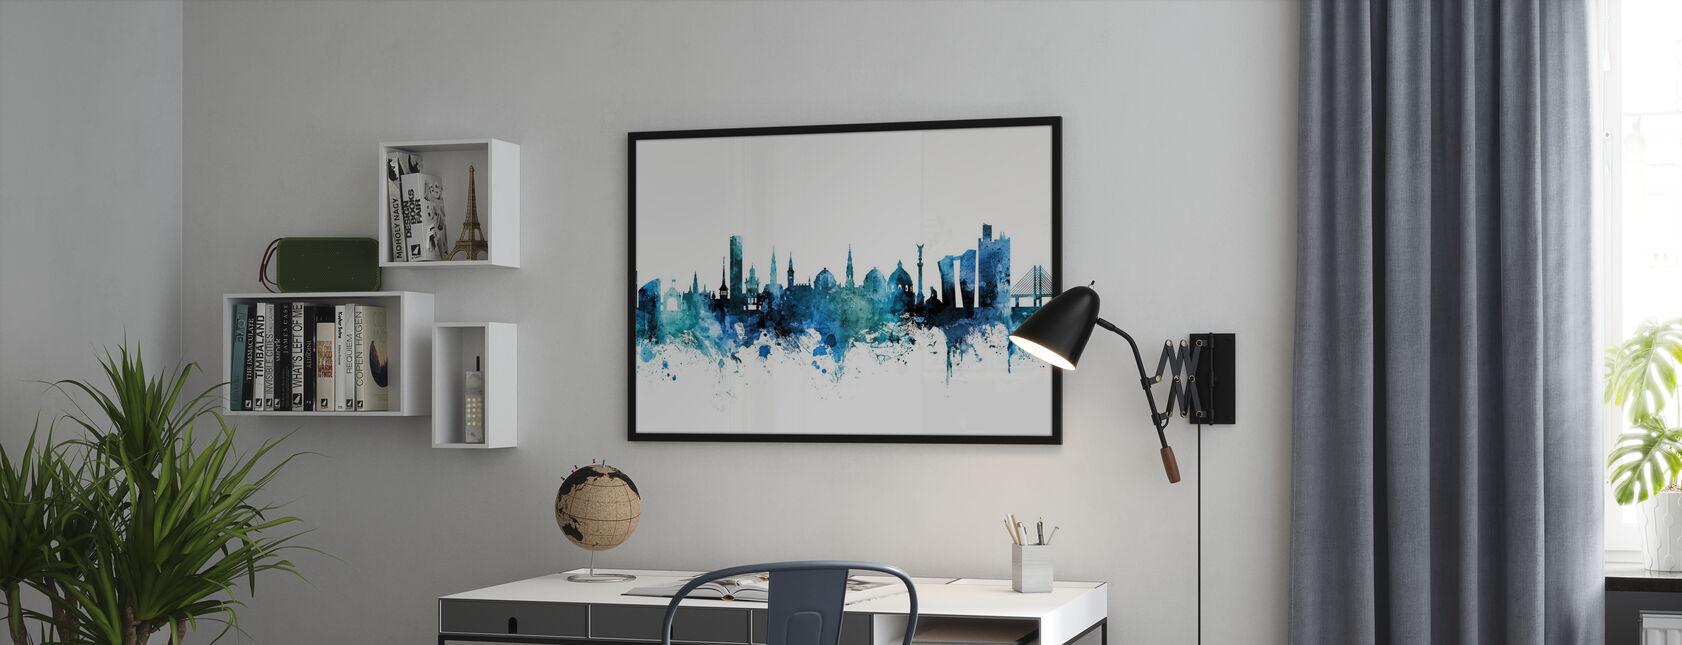 Copenhagen Denmark Skyline - Poster - Office